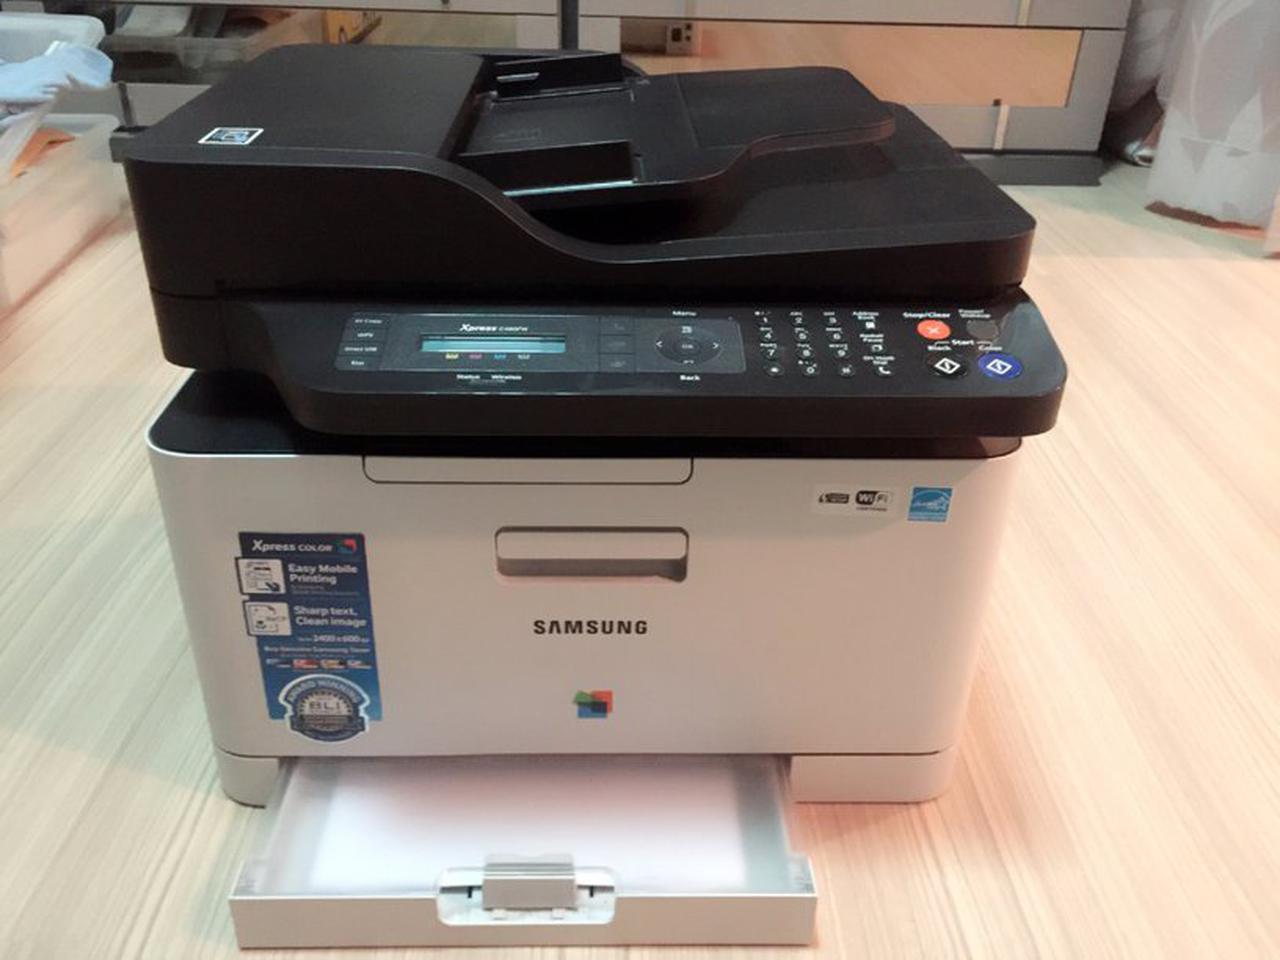 ขาย Multifunction Samsung C480FW สภาพใหม่มาก 7,900 บาท รูปที่ 1